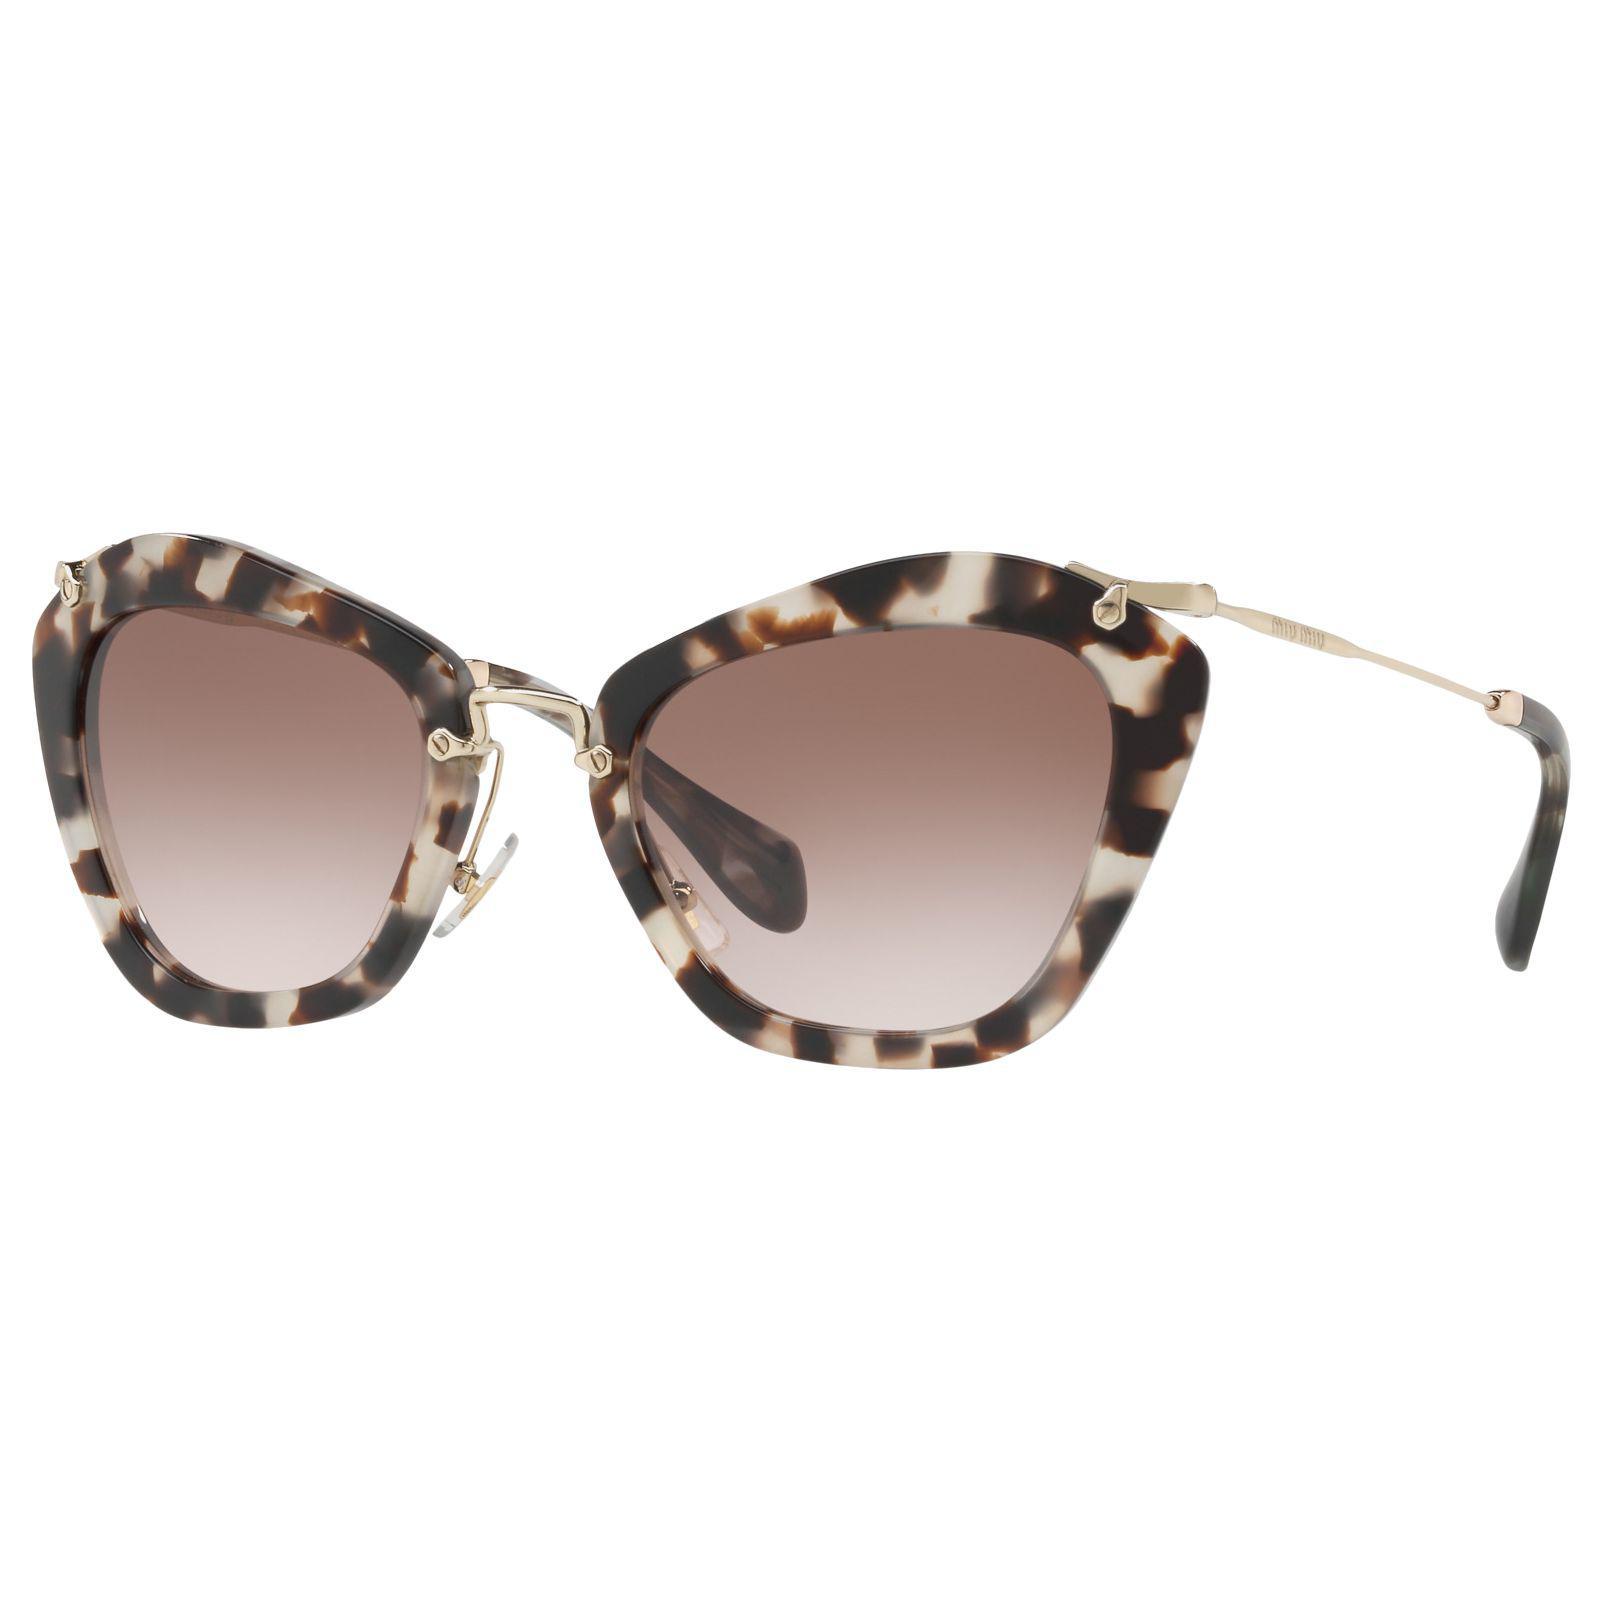 4059c45f67 Miu Miu Mu 10ns Pentagonal Cat s Eye Sunglasses in Brown - Lyst